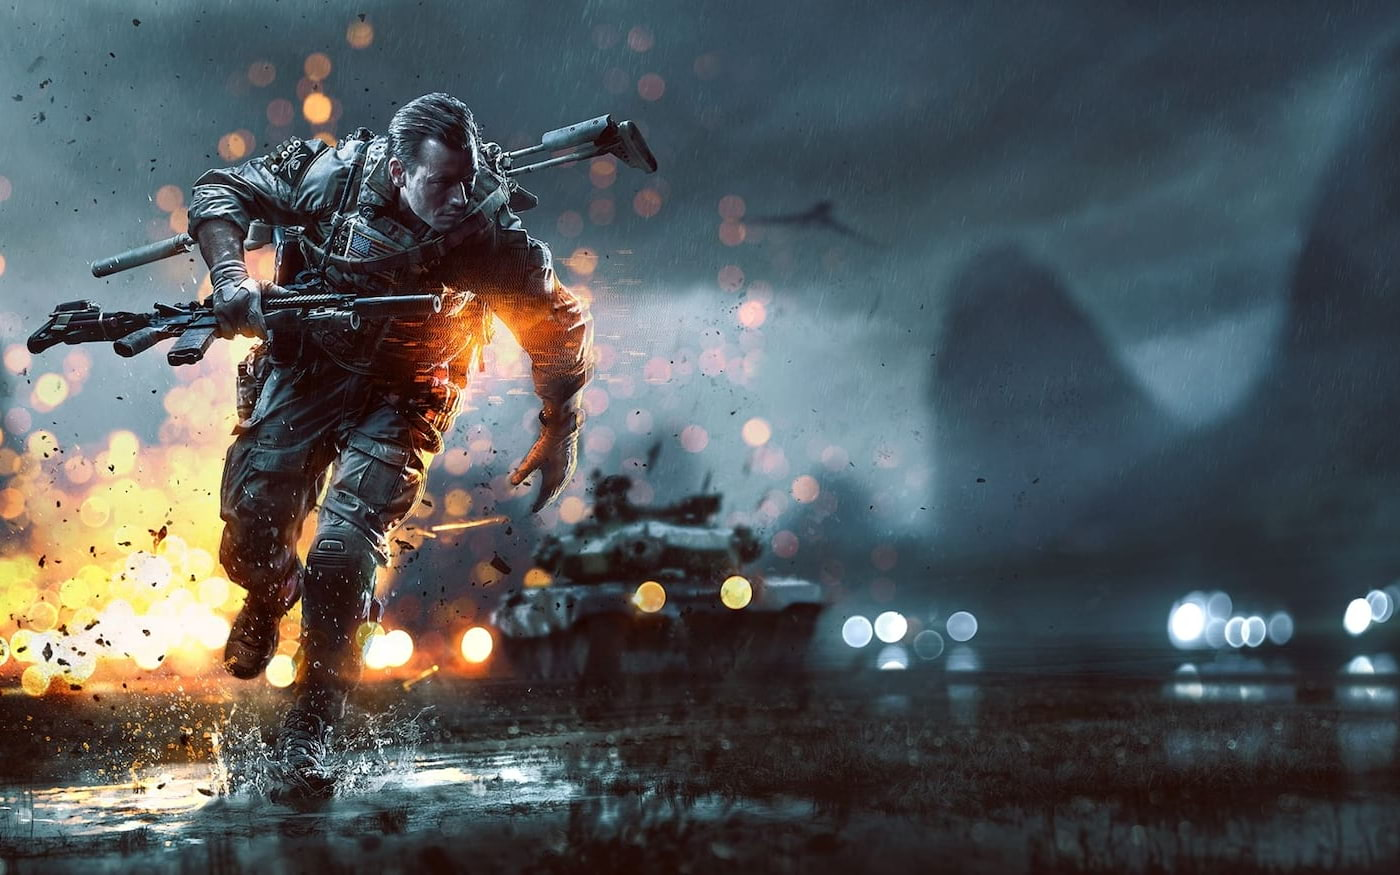 Battlefield 4 e Need for Speed Payback são alguns dos títulos em promoção da PlayStation Store